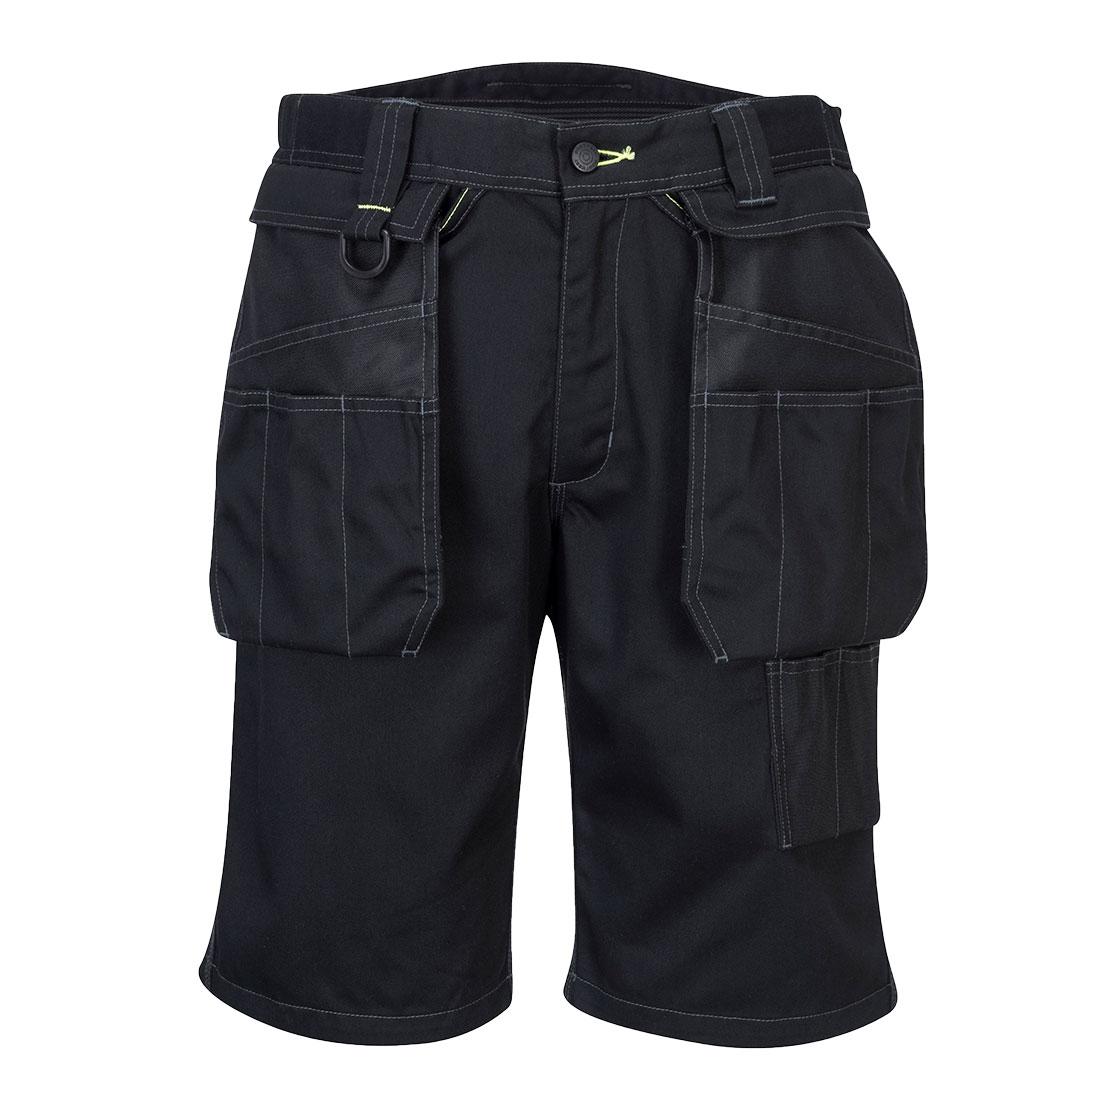 Portwest Holster Work Shorts - Black Front